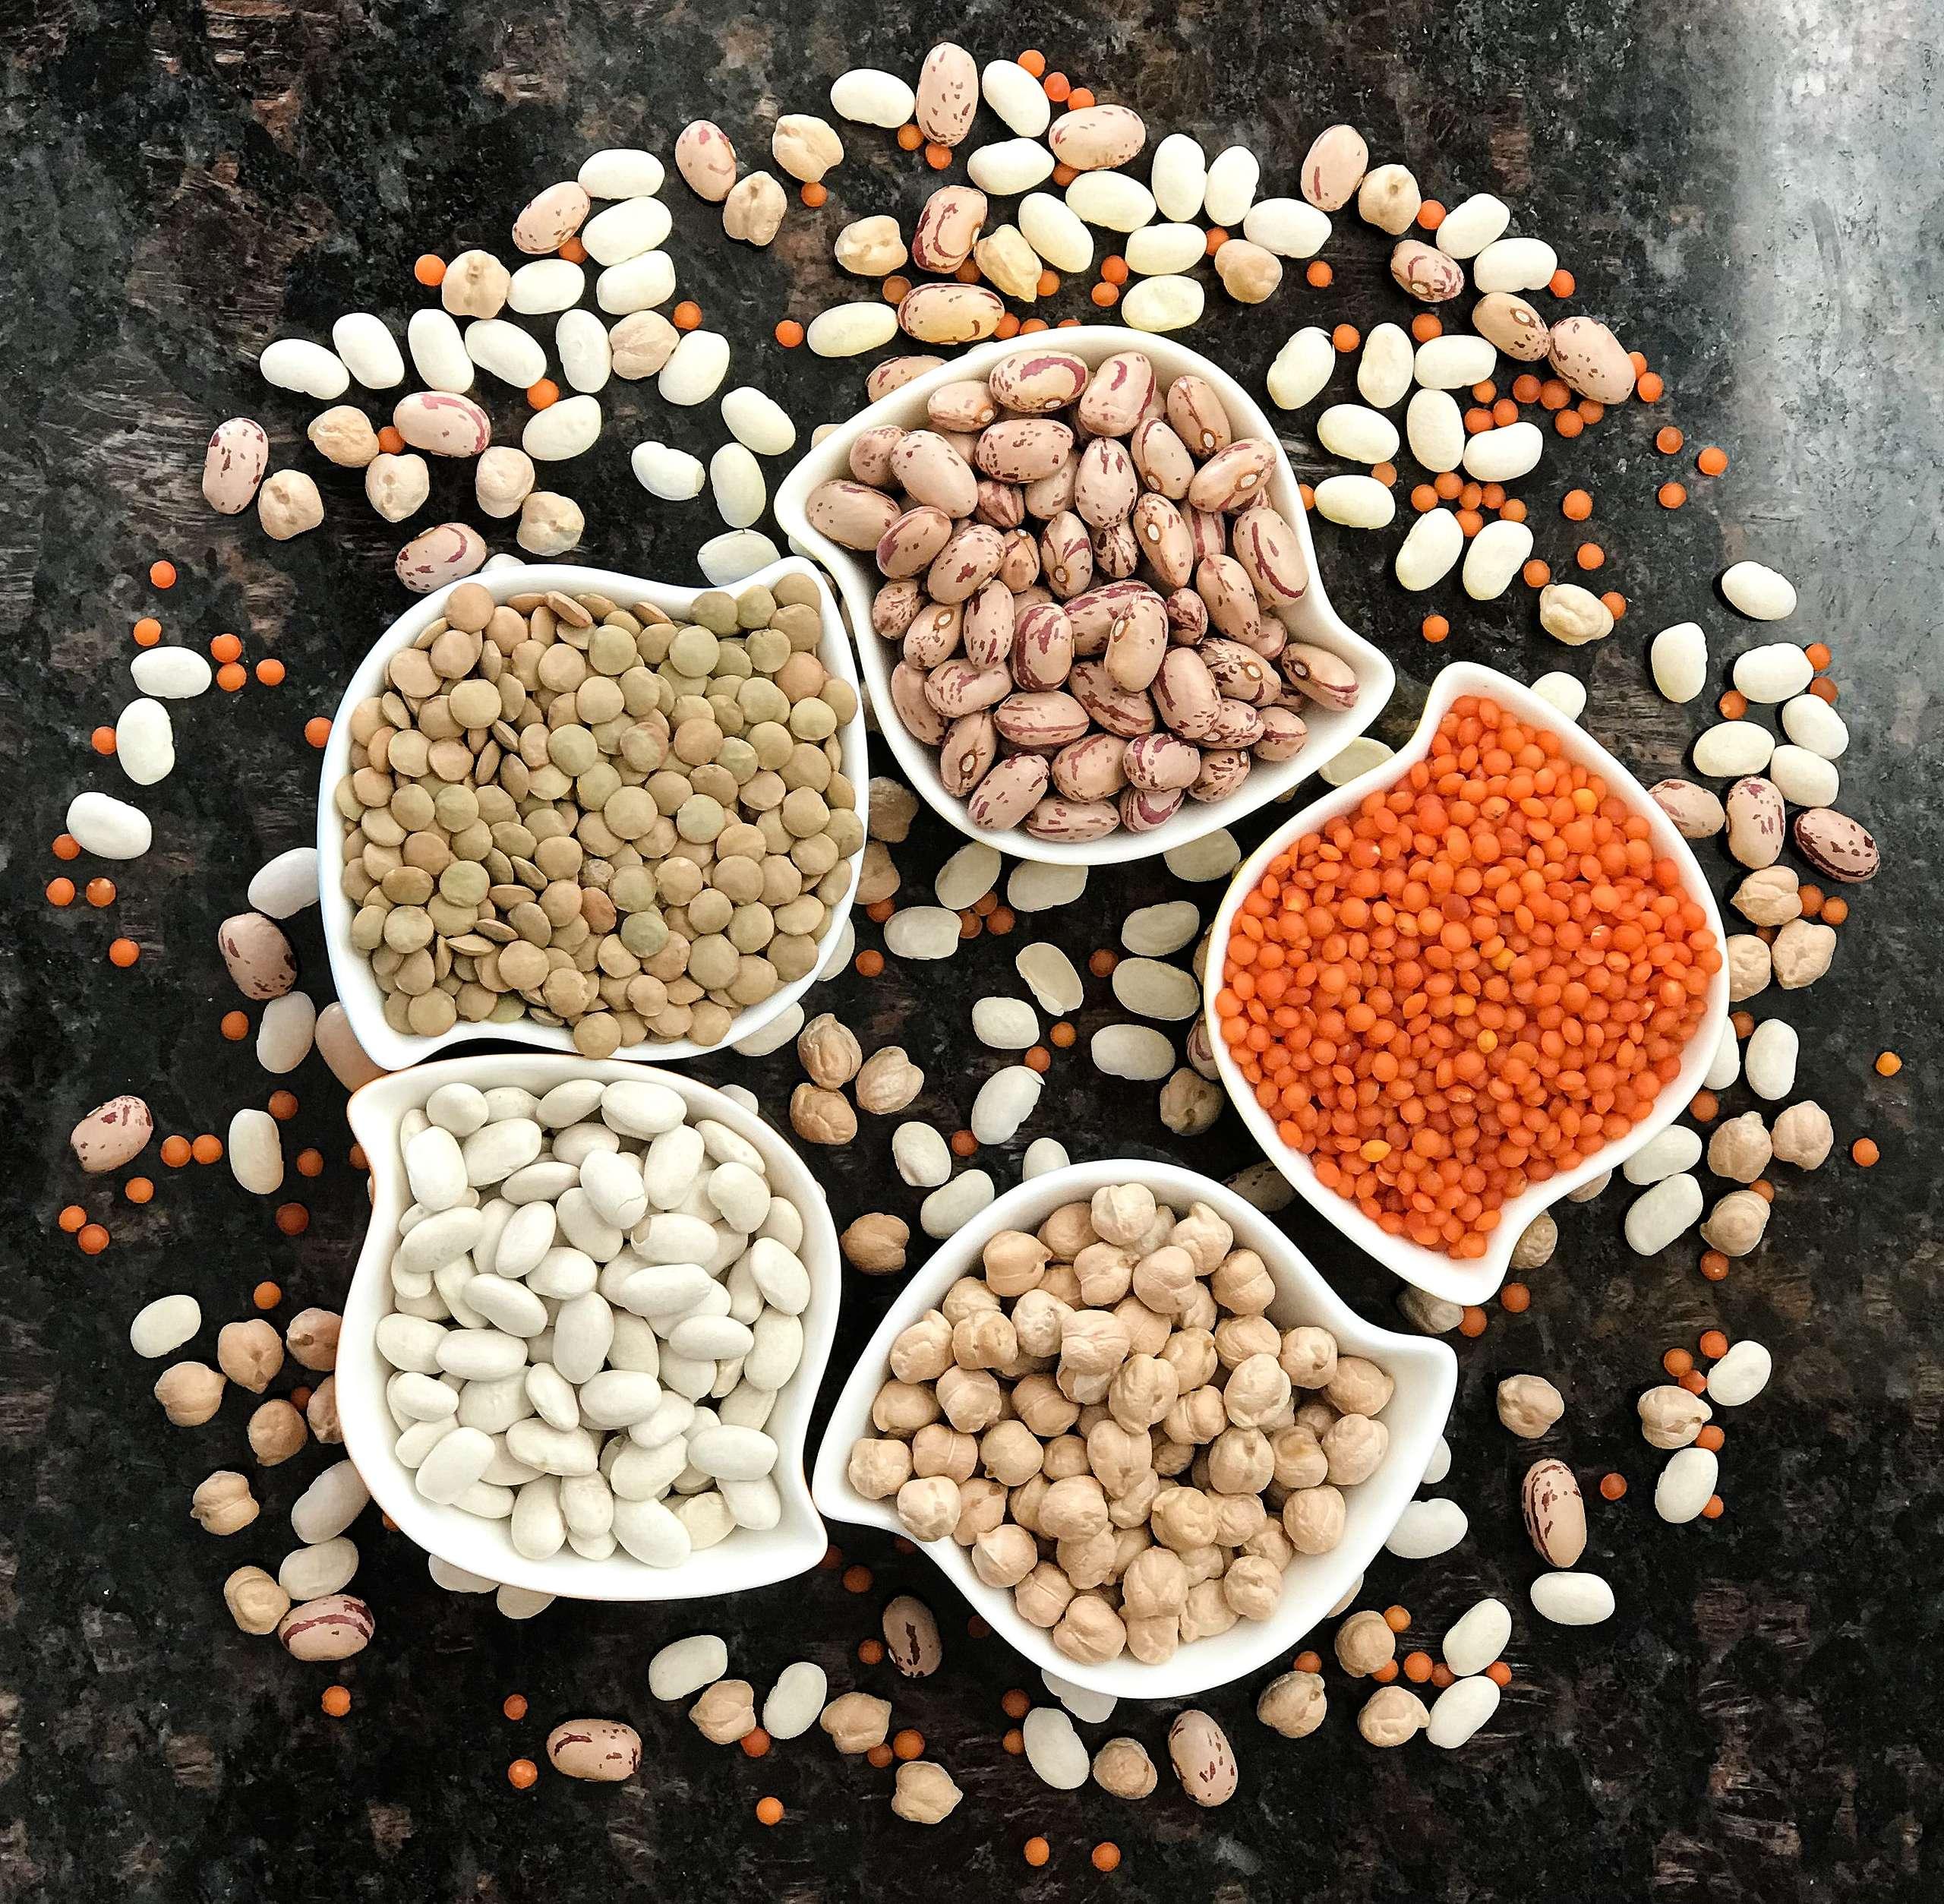 豆類及堅果含有極高的營養價值,適量食用,可為人體補充必須胺基酸及其他營養素。© Colours of Turkey / unsplash.com